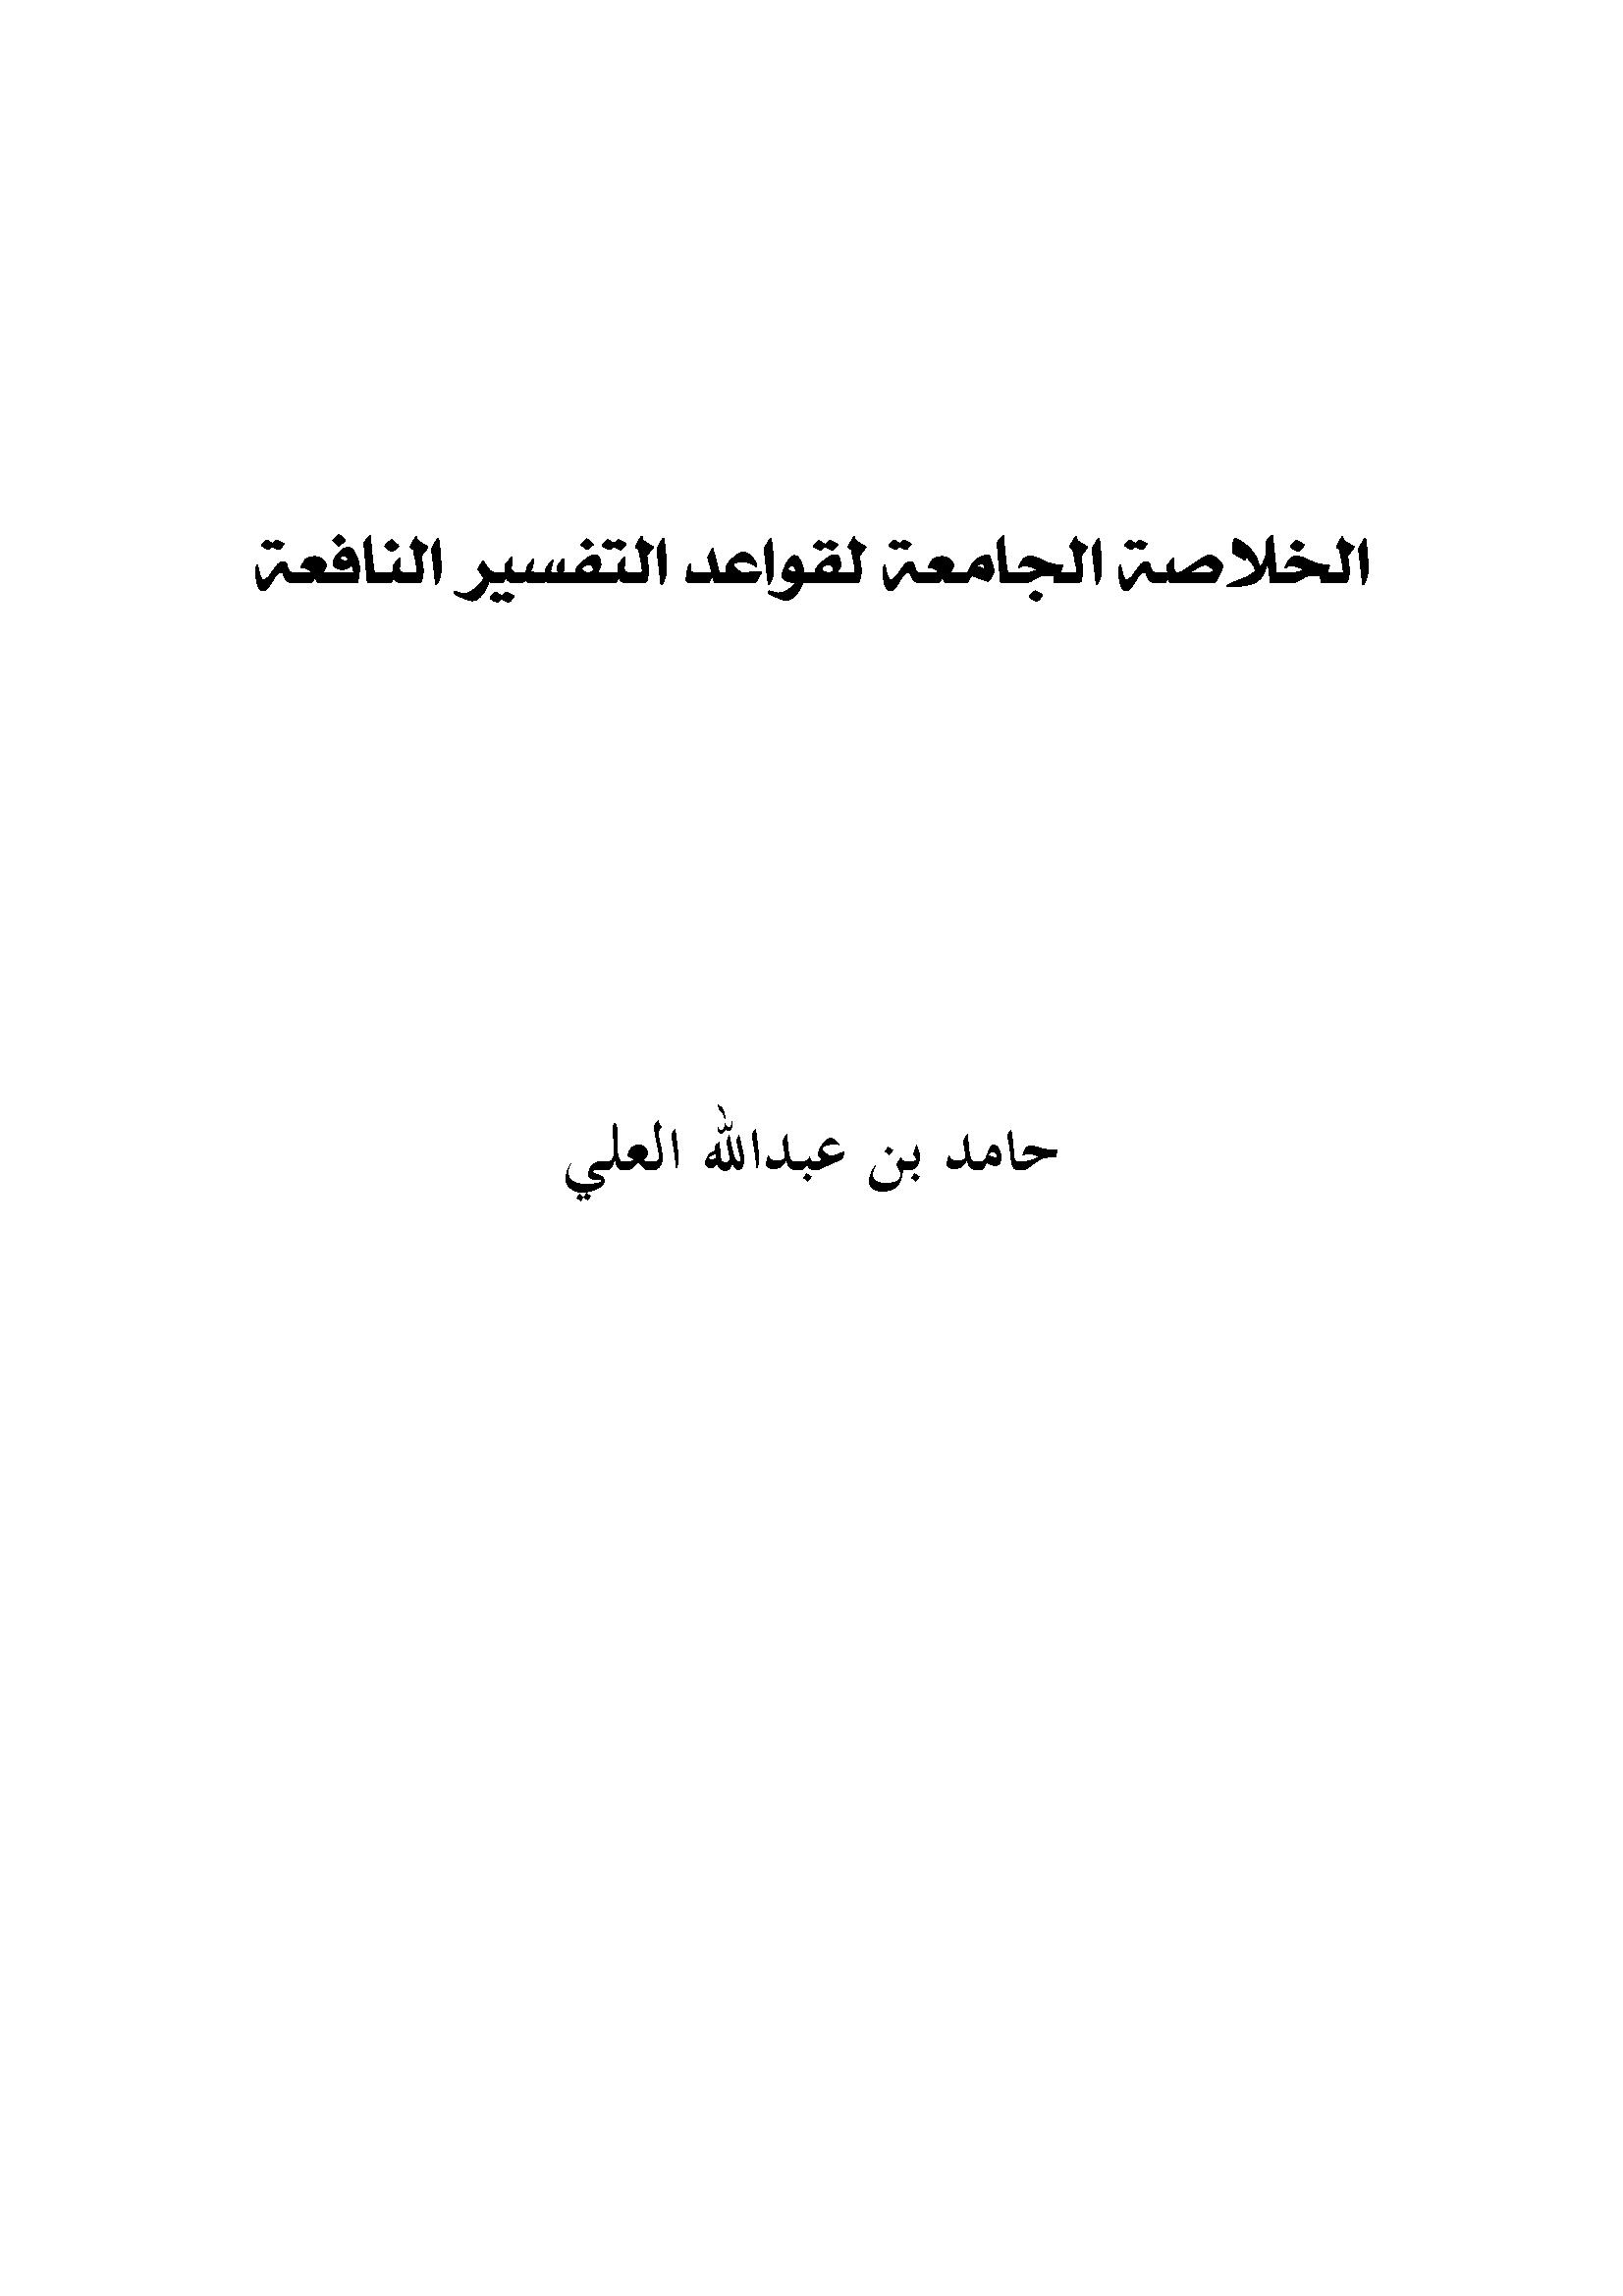 تحميل كتاب الخلاصة الجامعة لقواعد التفسير النافعة لـِ: الشيخ حامد بن عبد الله أحمد العلي